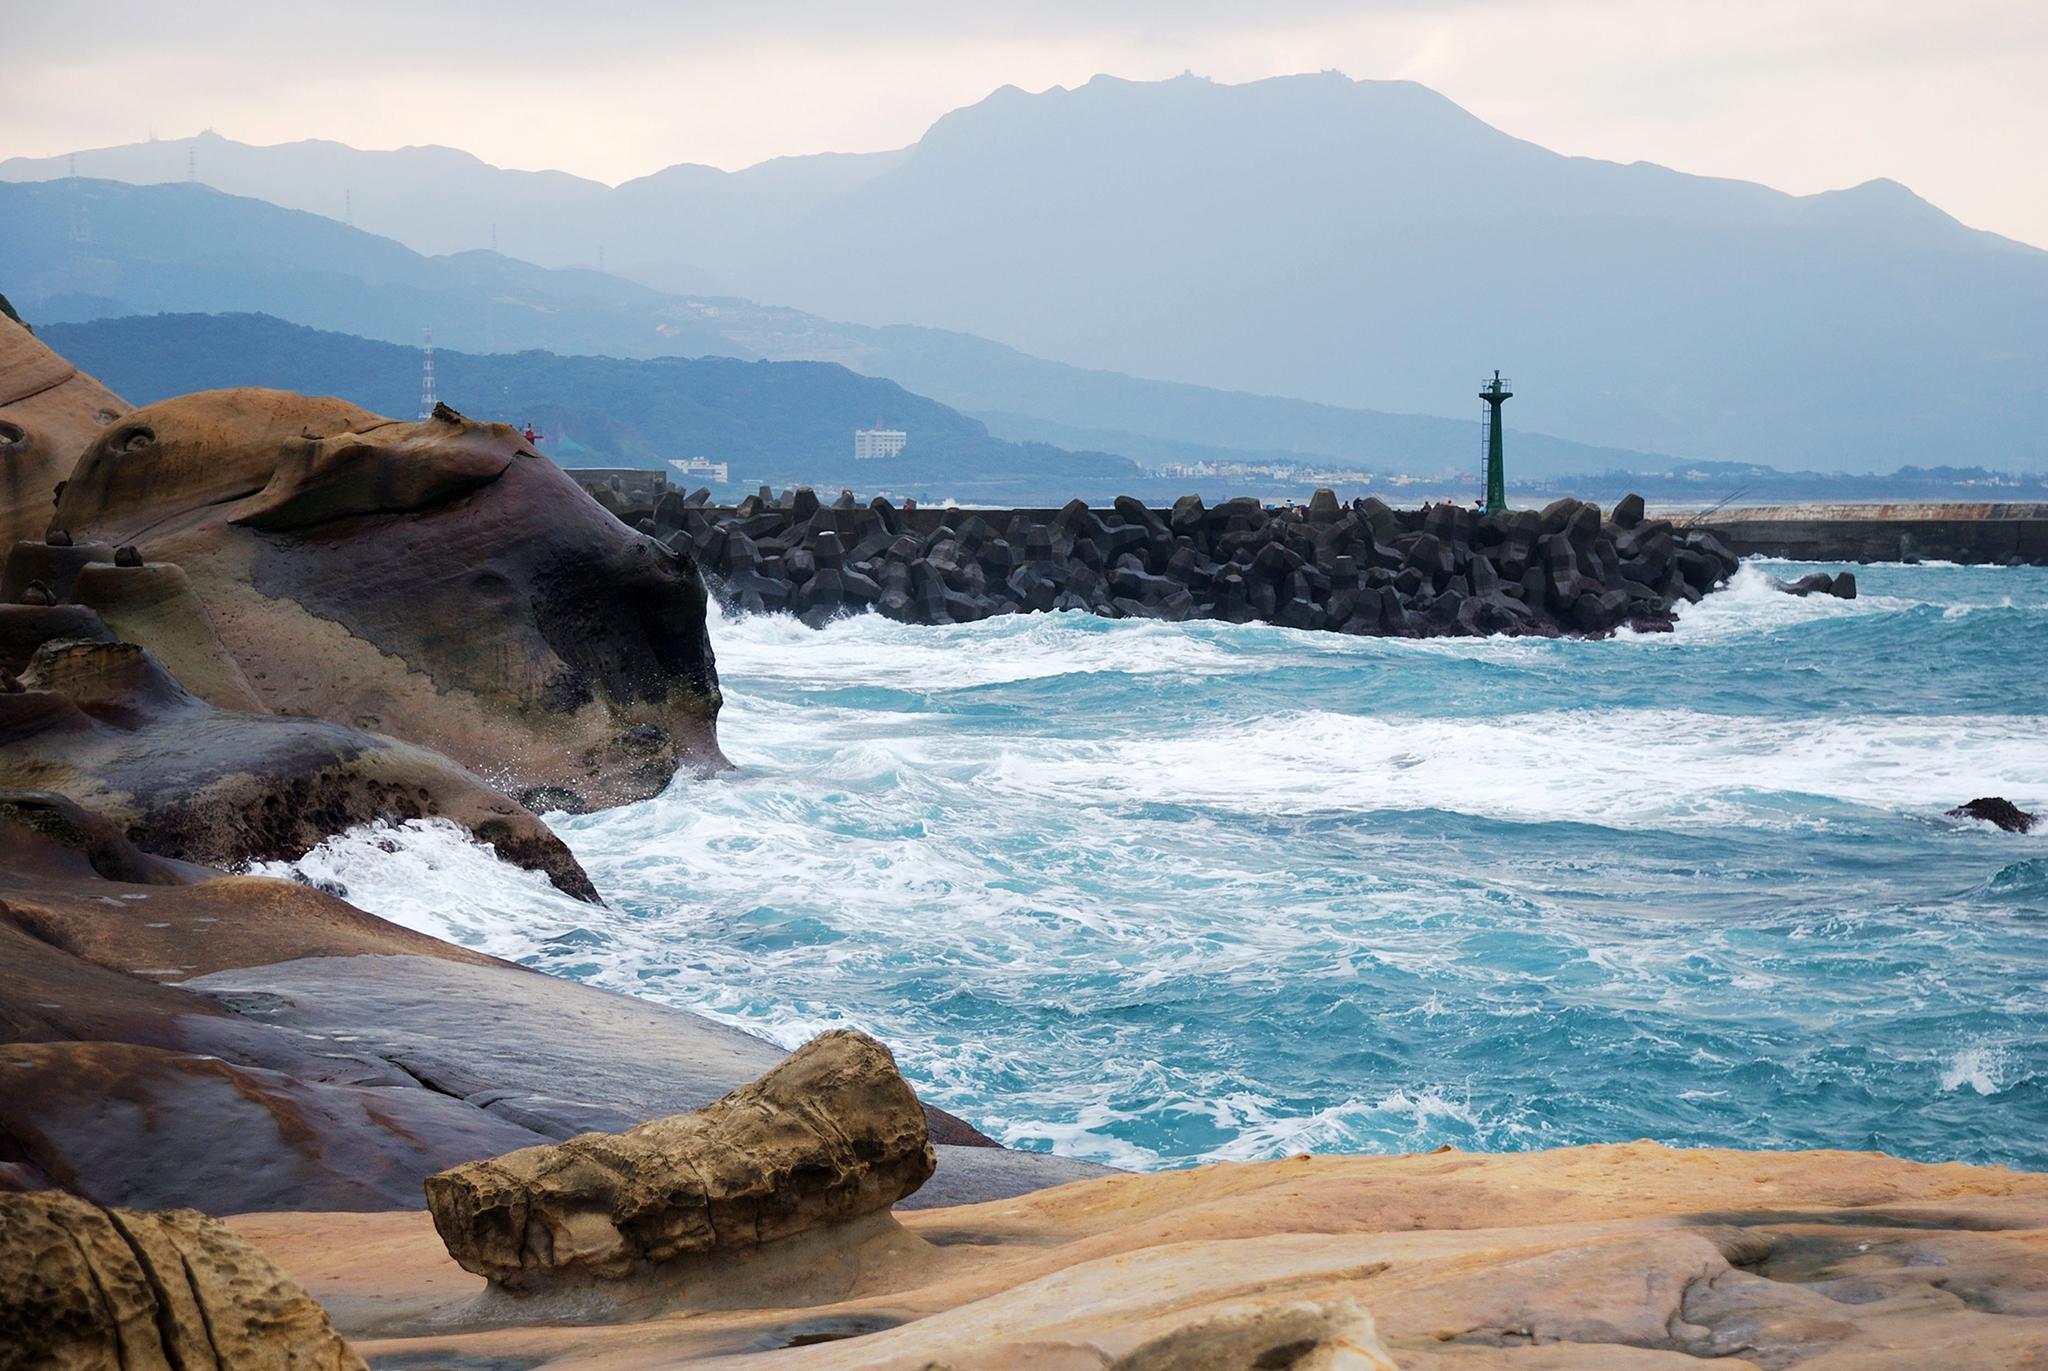 Du khách sẽ được ngắm nhìn một vùng biển trong xanh, hoang sơ với những phiến đá có hình thù kỳ lạ